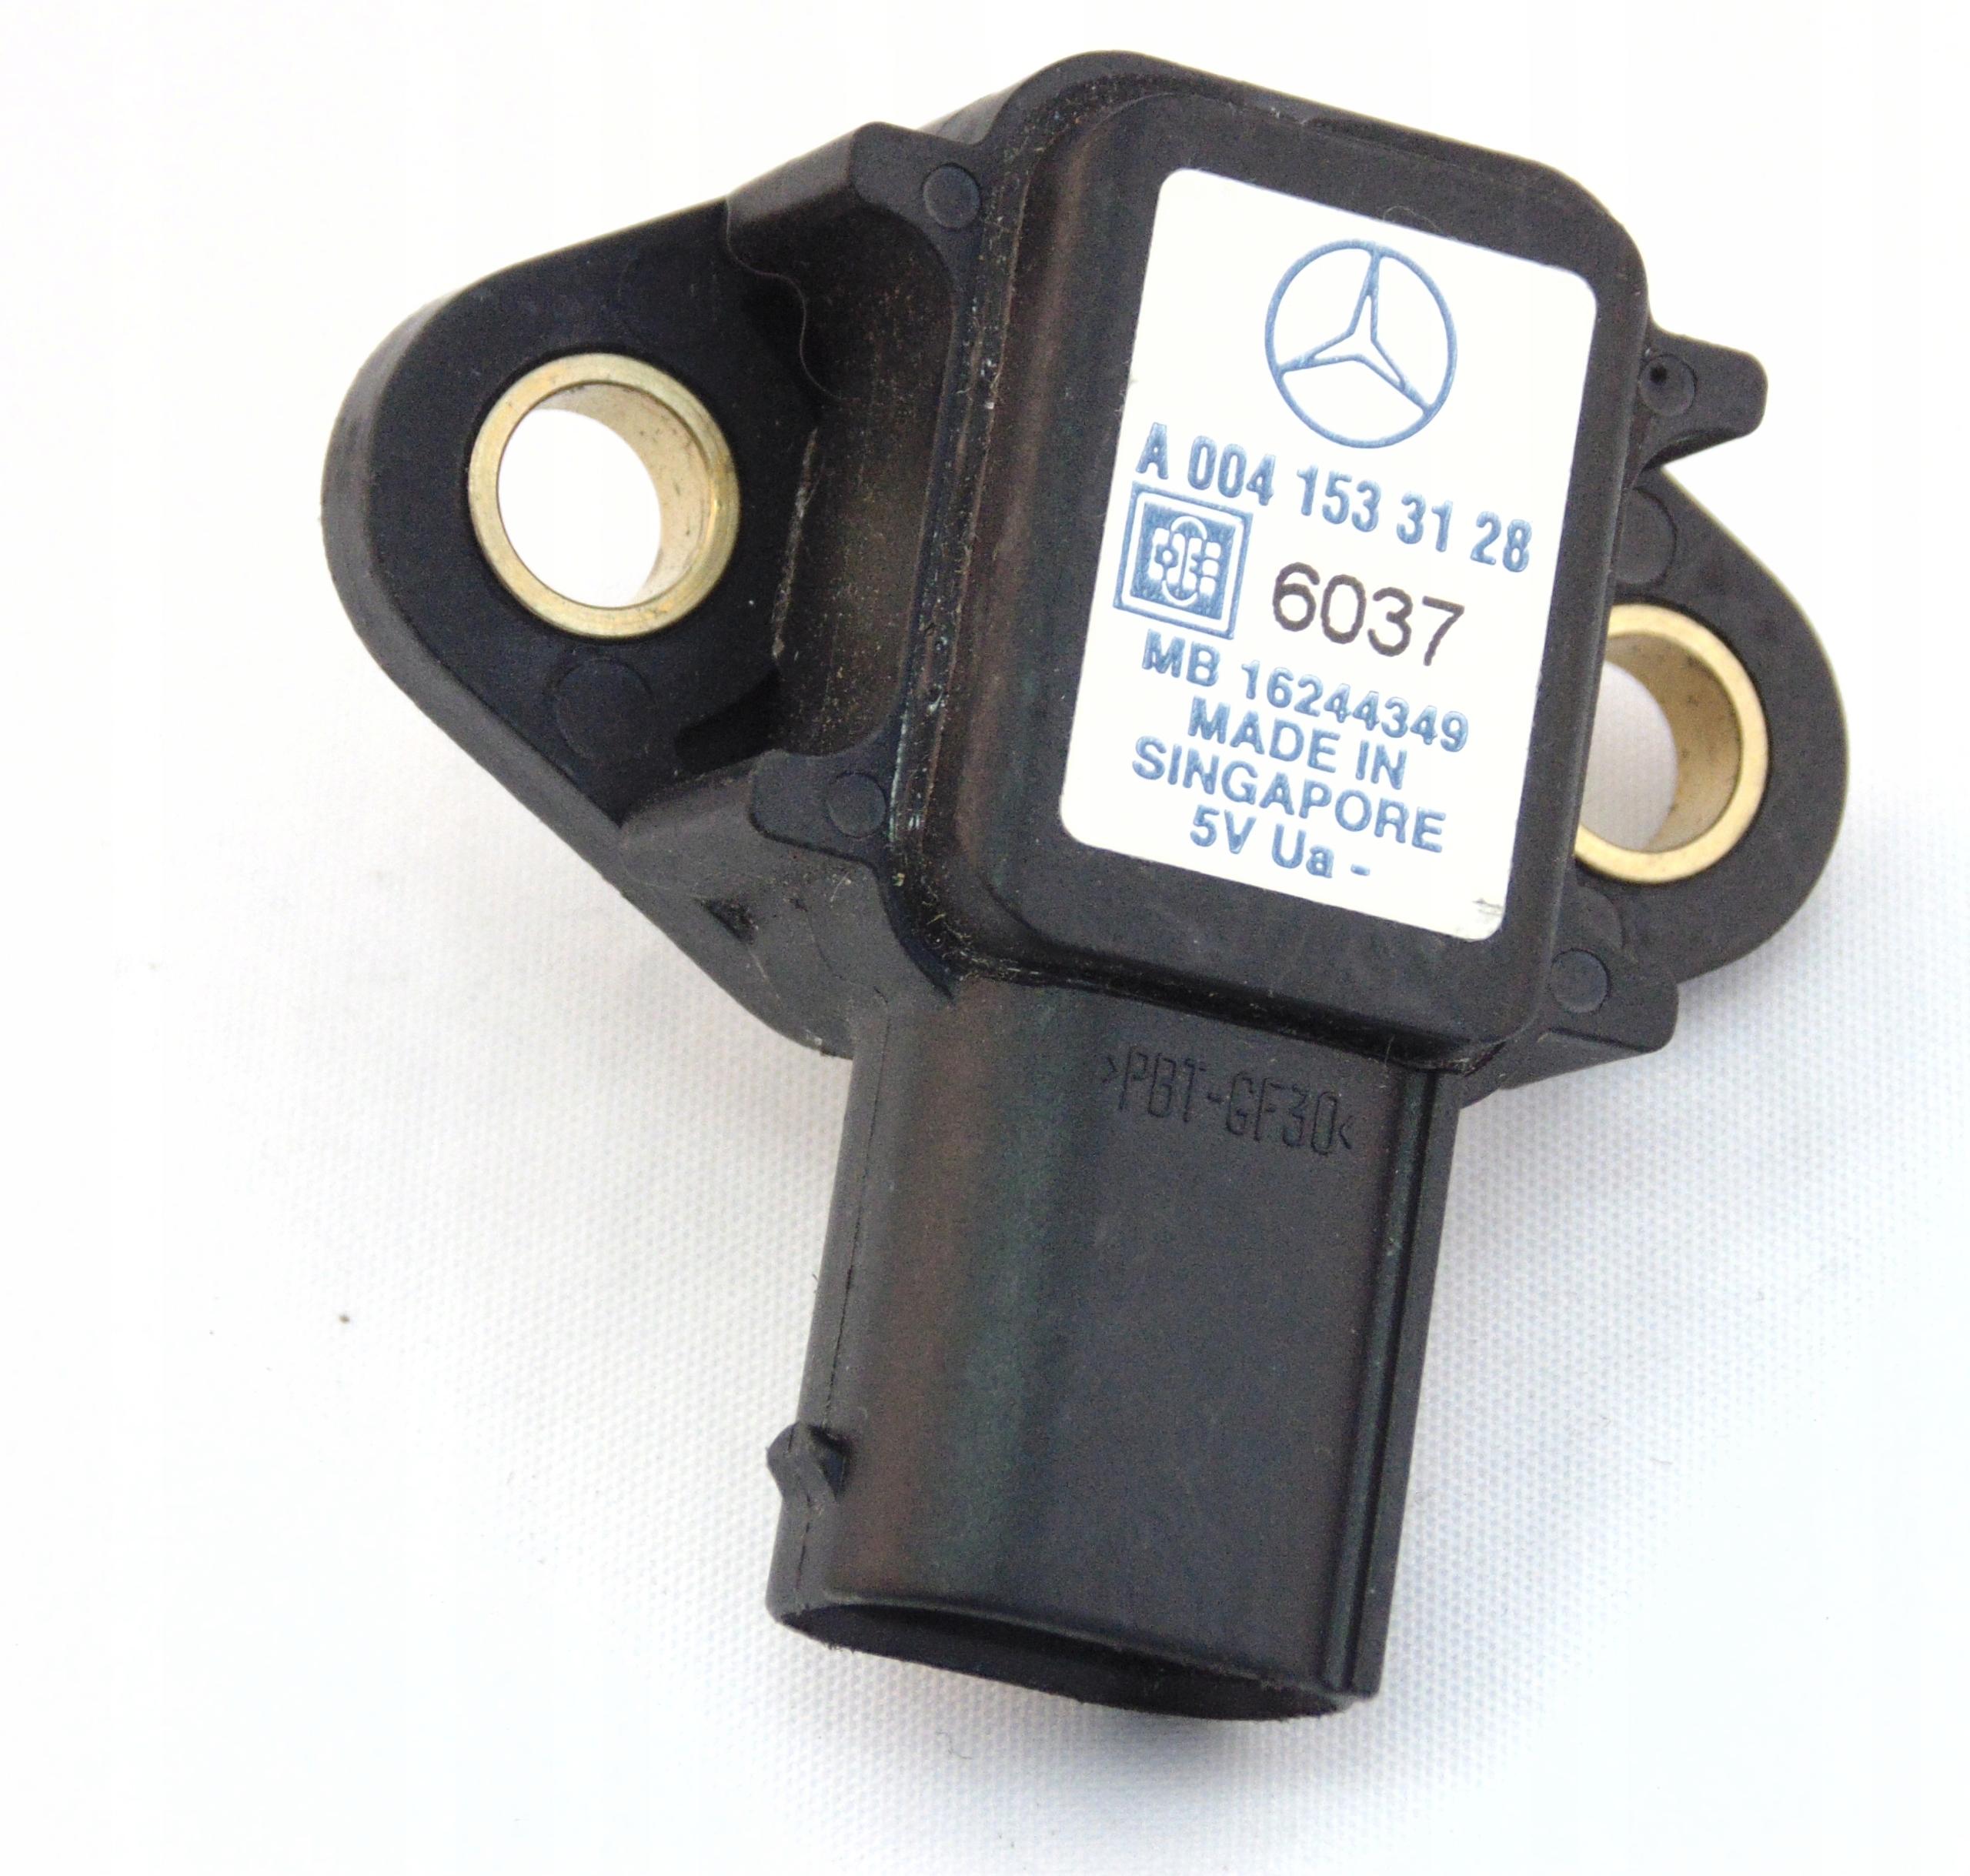 a0041533128 датчик давления mercedes